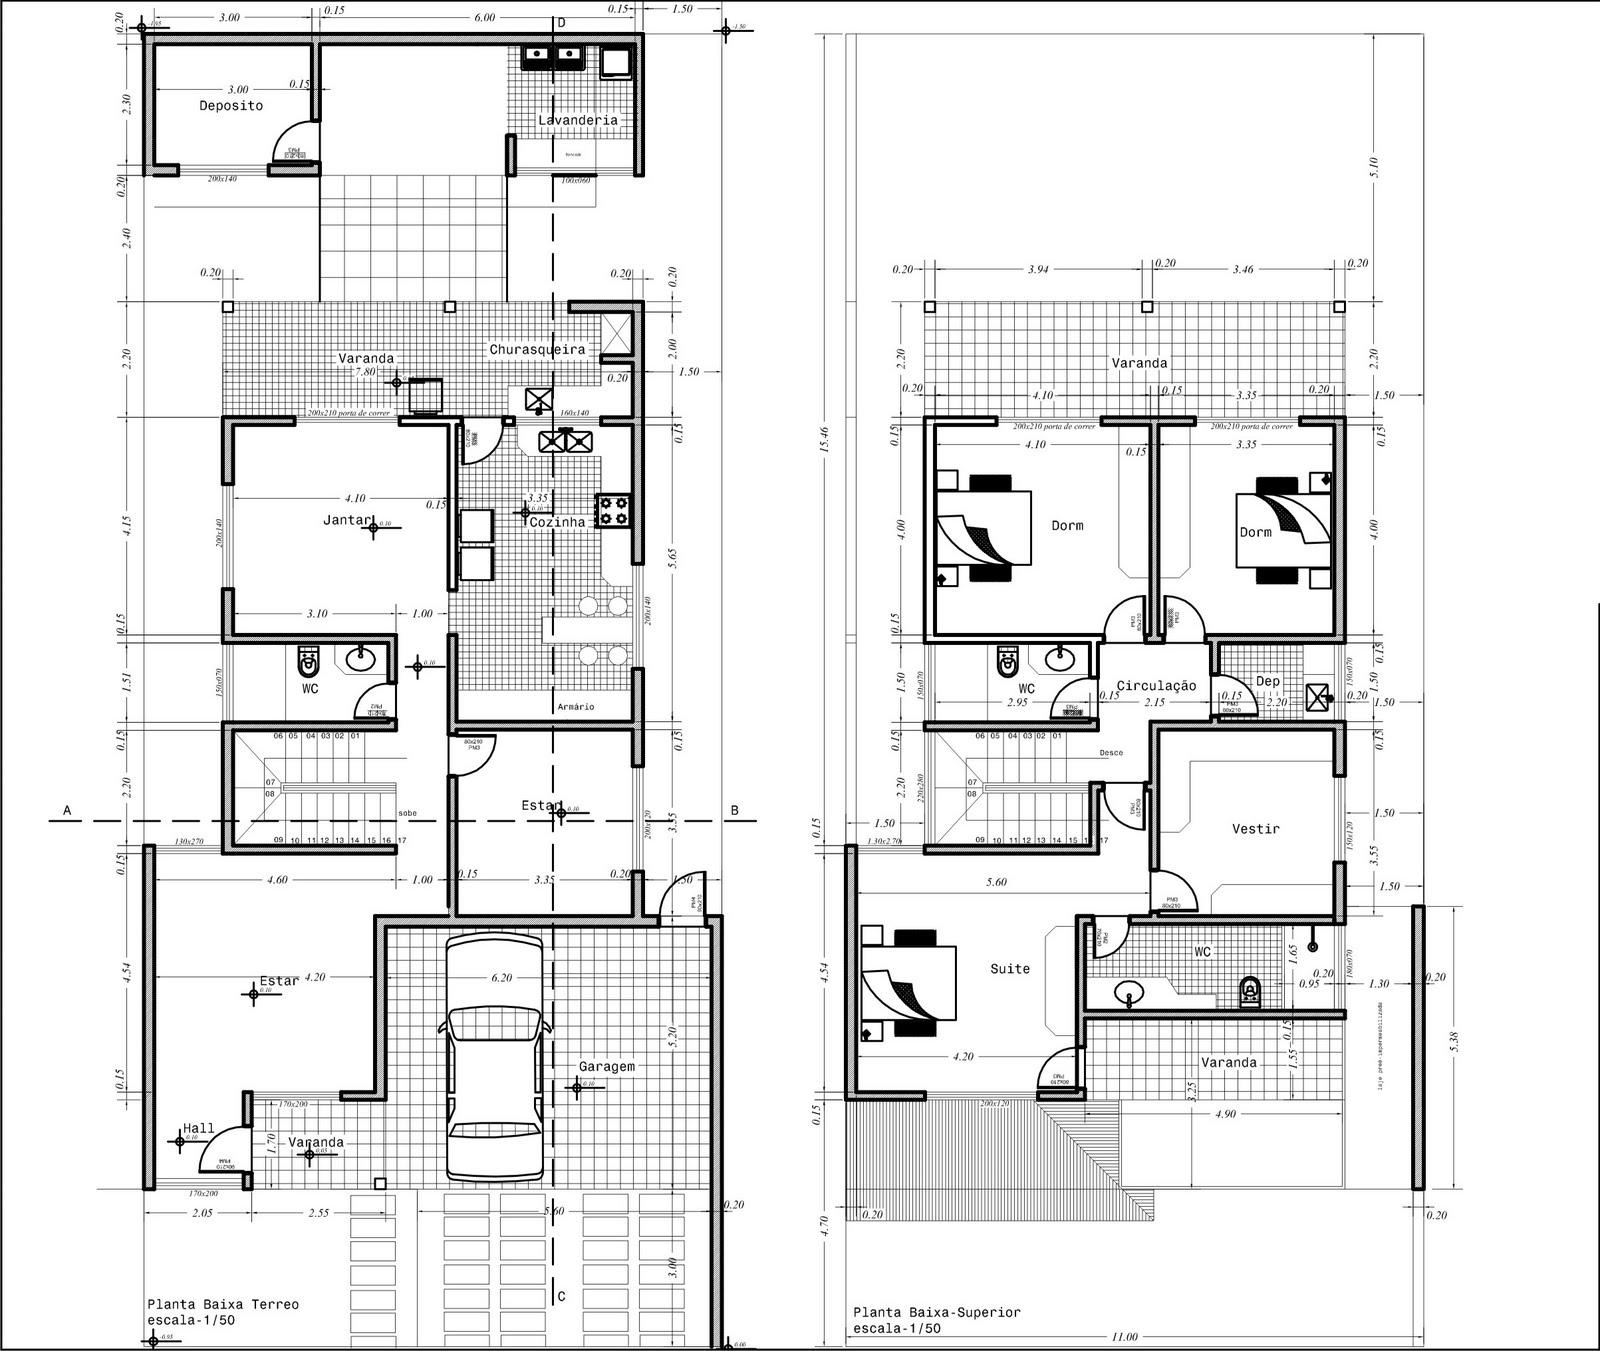 Autodesk Floor Plan Software Autodesk Floor Plan